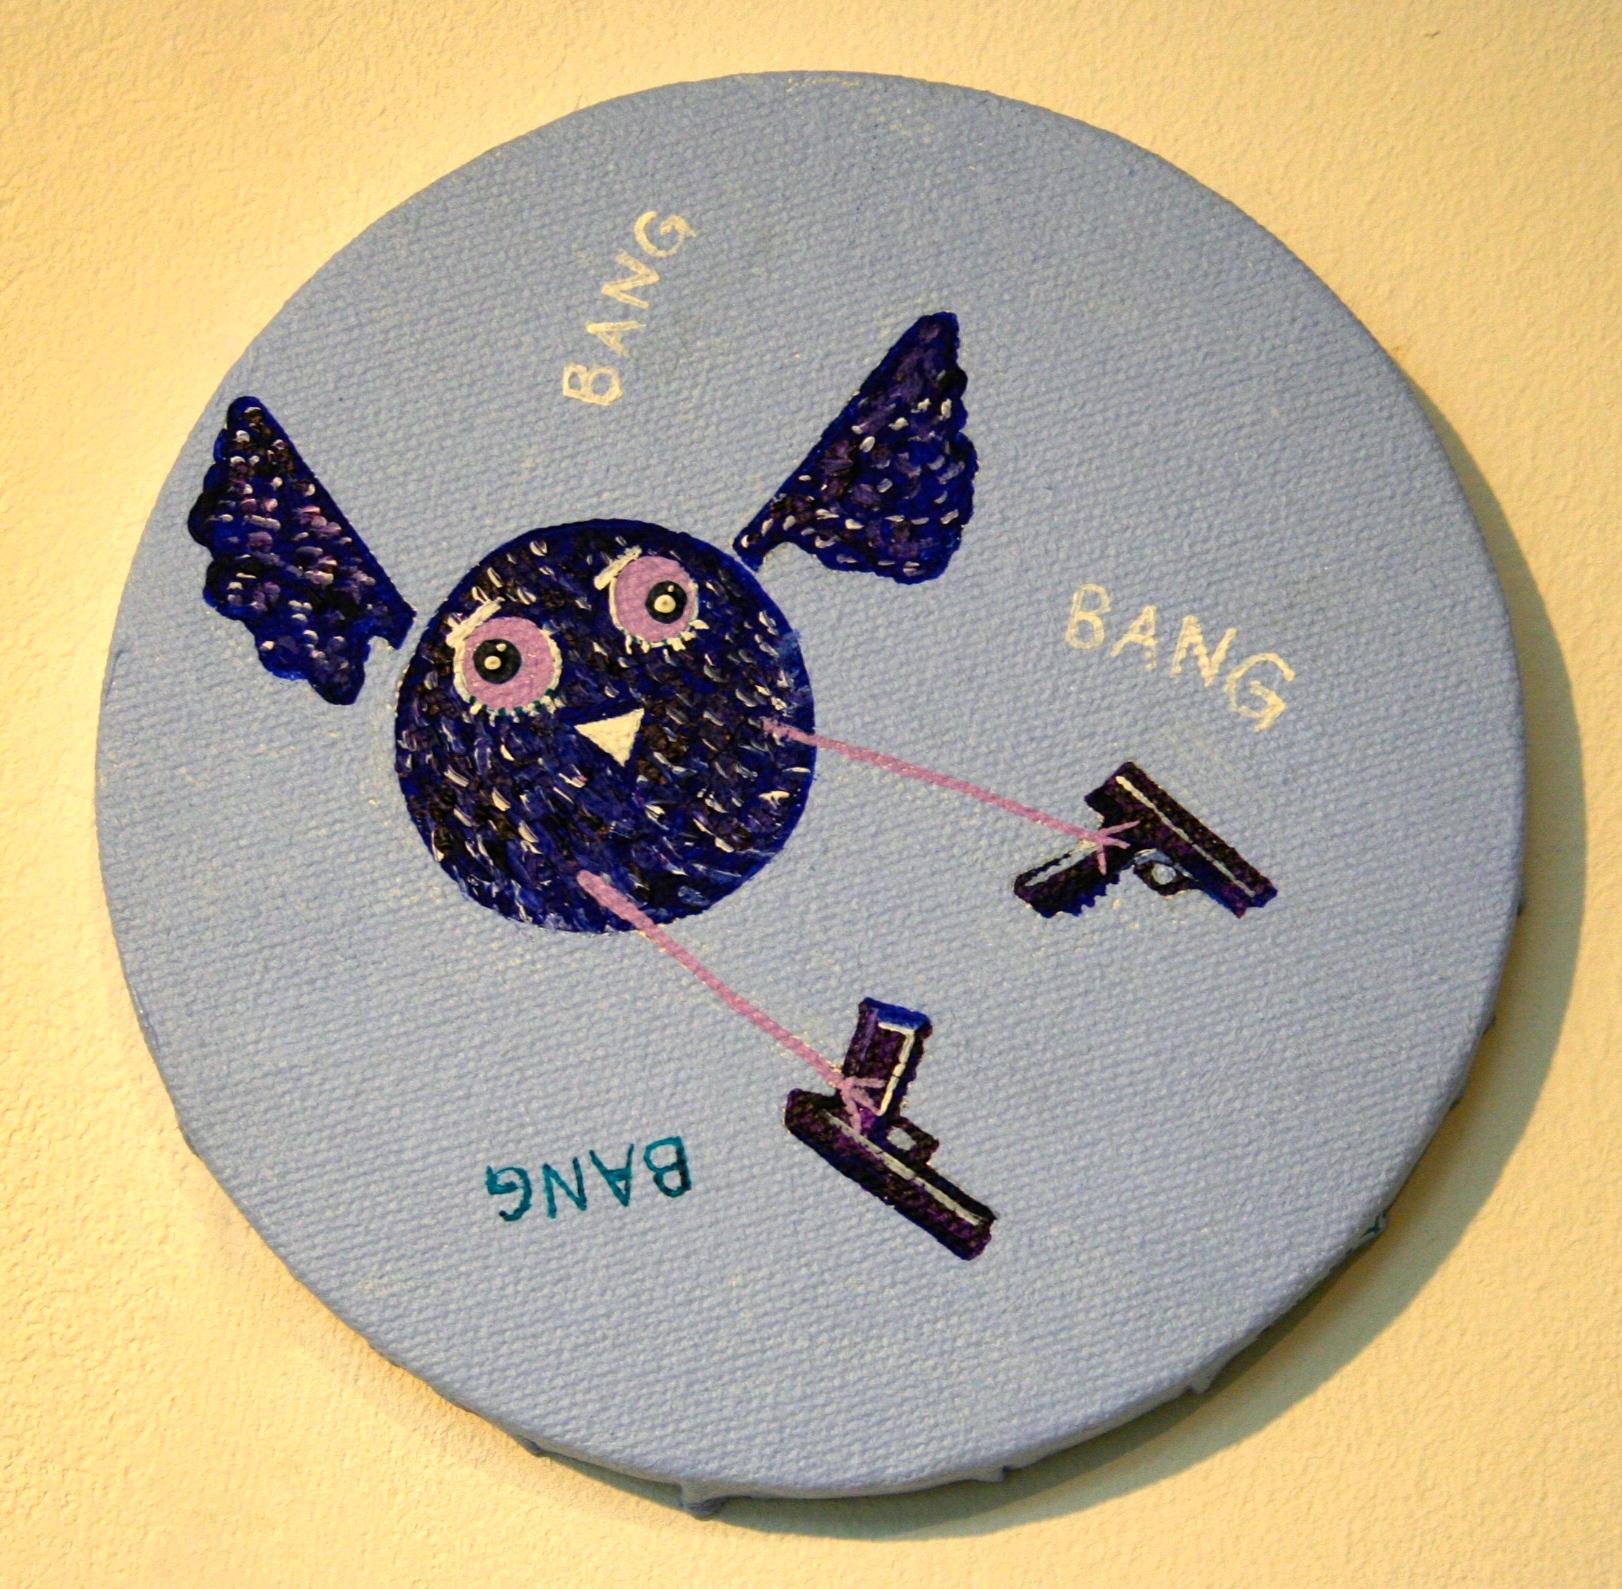 Bang bang bang  2012 Acrylics on canvas 10cm diameter